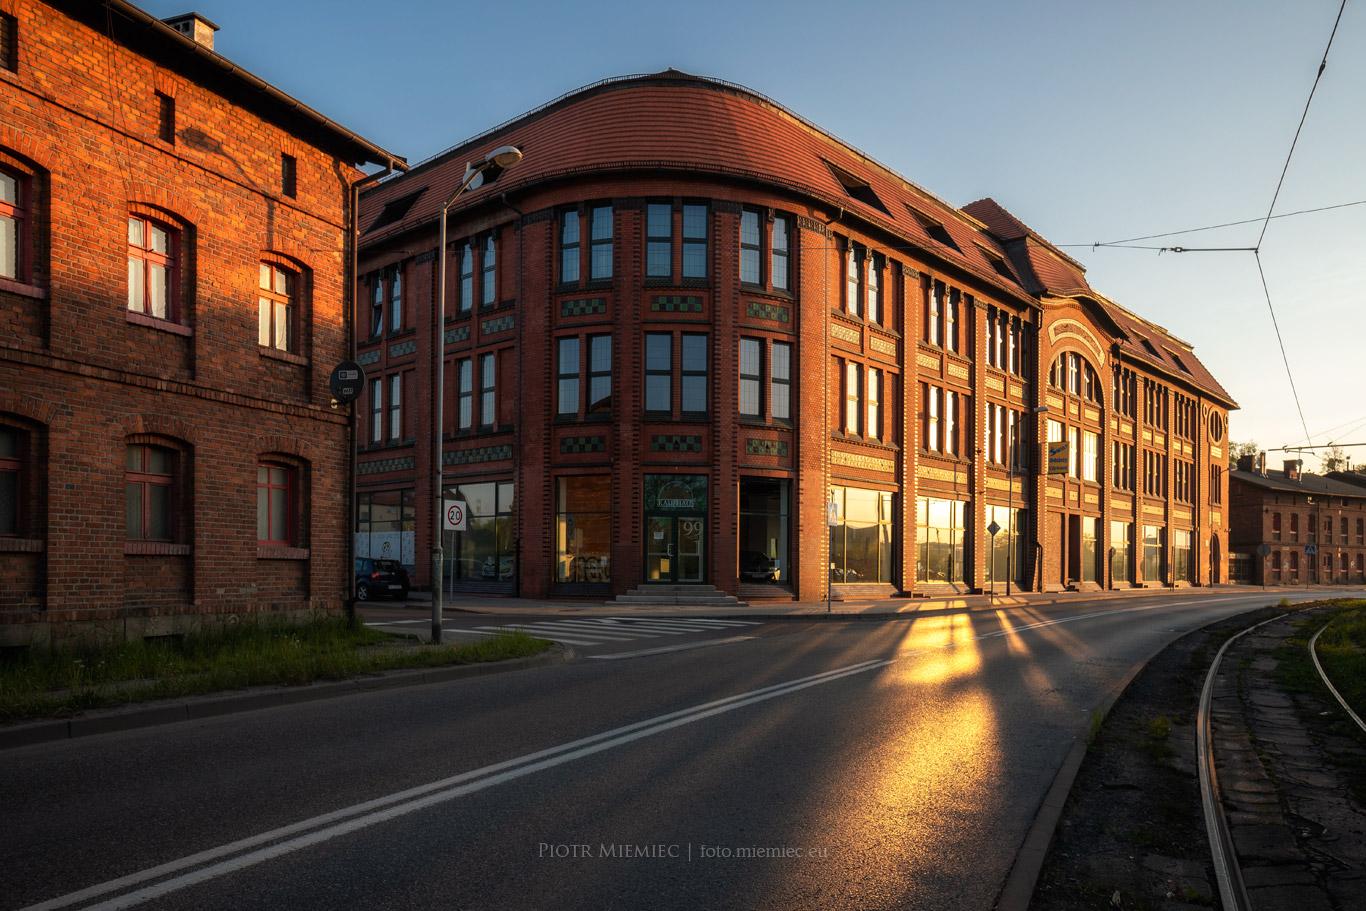 Dom towarowy Kaufhaus w Rudzie Śląskiej